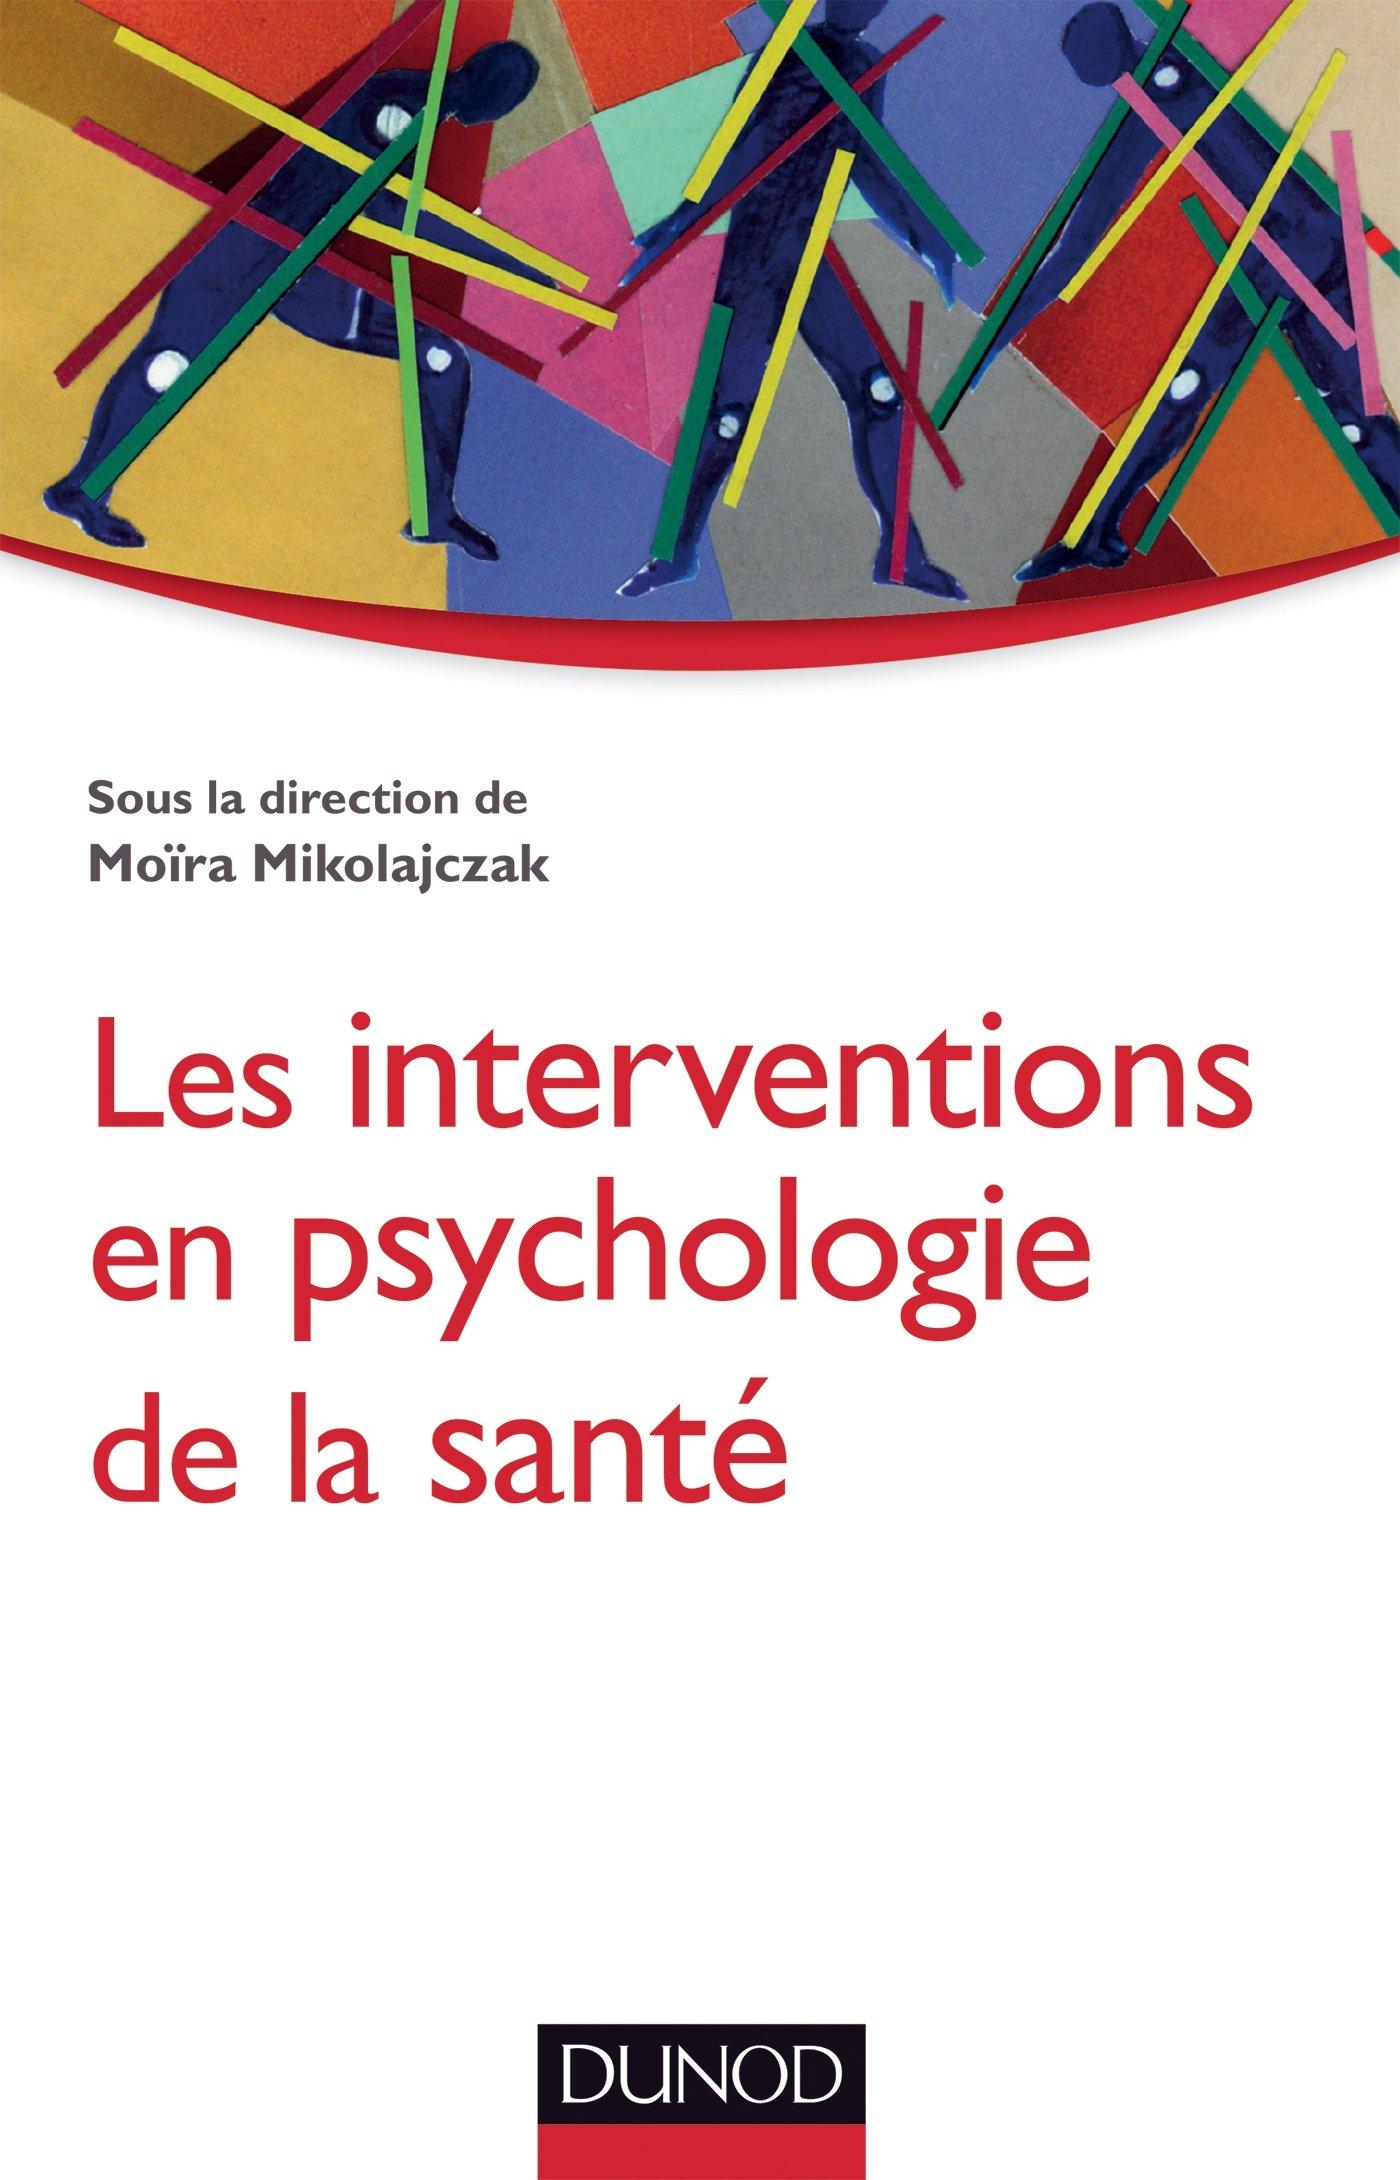 Les intervetions en psychologie de la santé